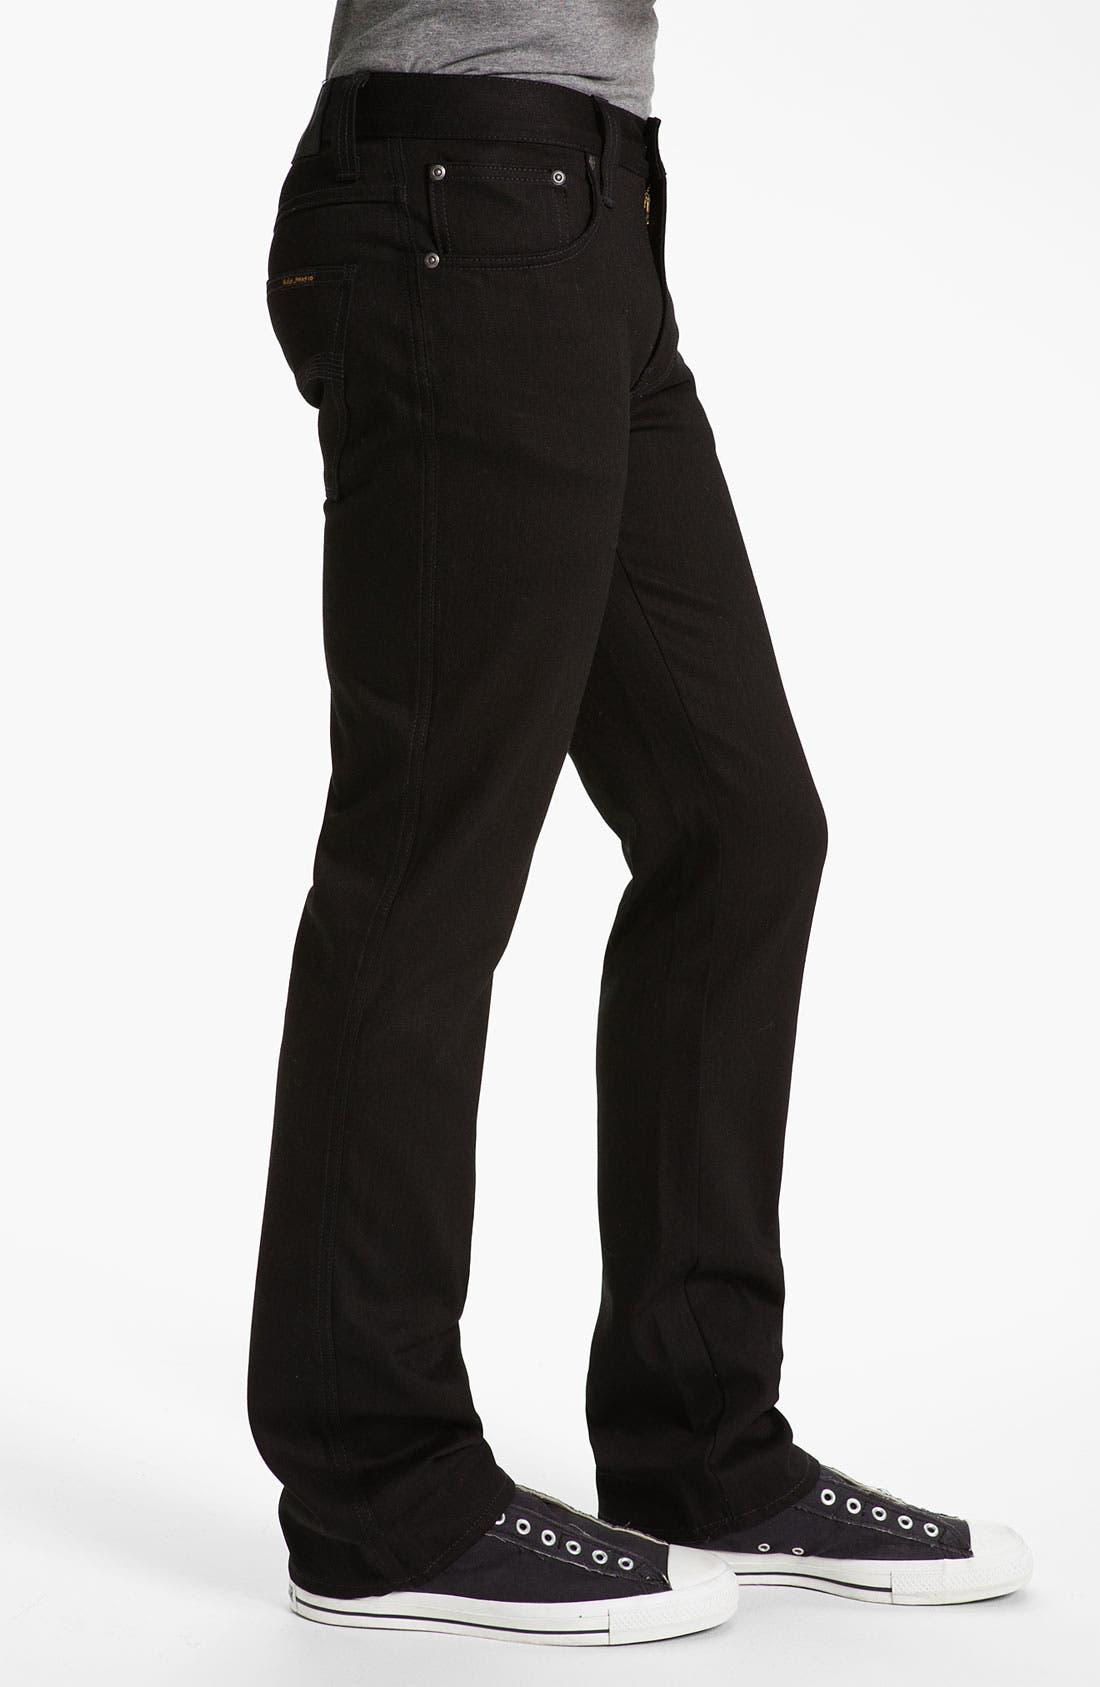 Alternate Image 3  - Nudie Jeans 'Slim Jim' Slim Fit Jeans (Organic Dry Black)